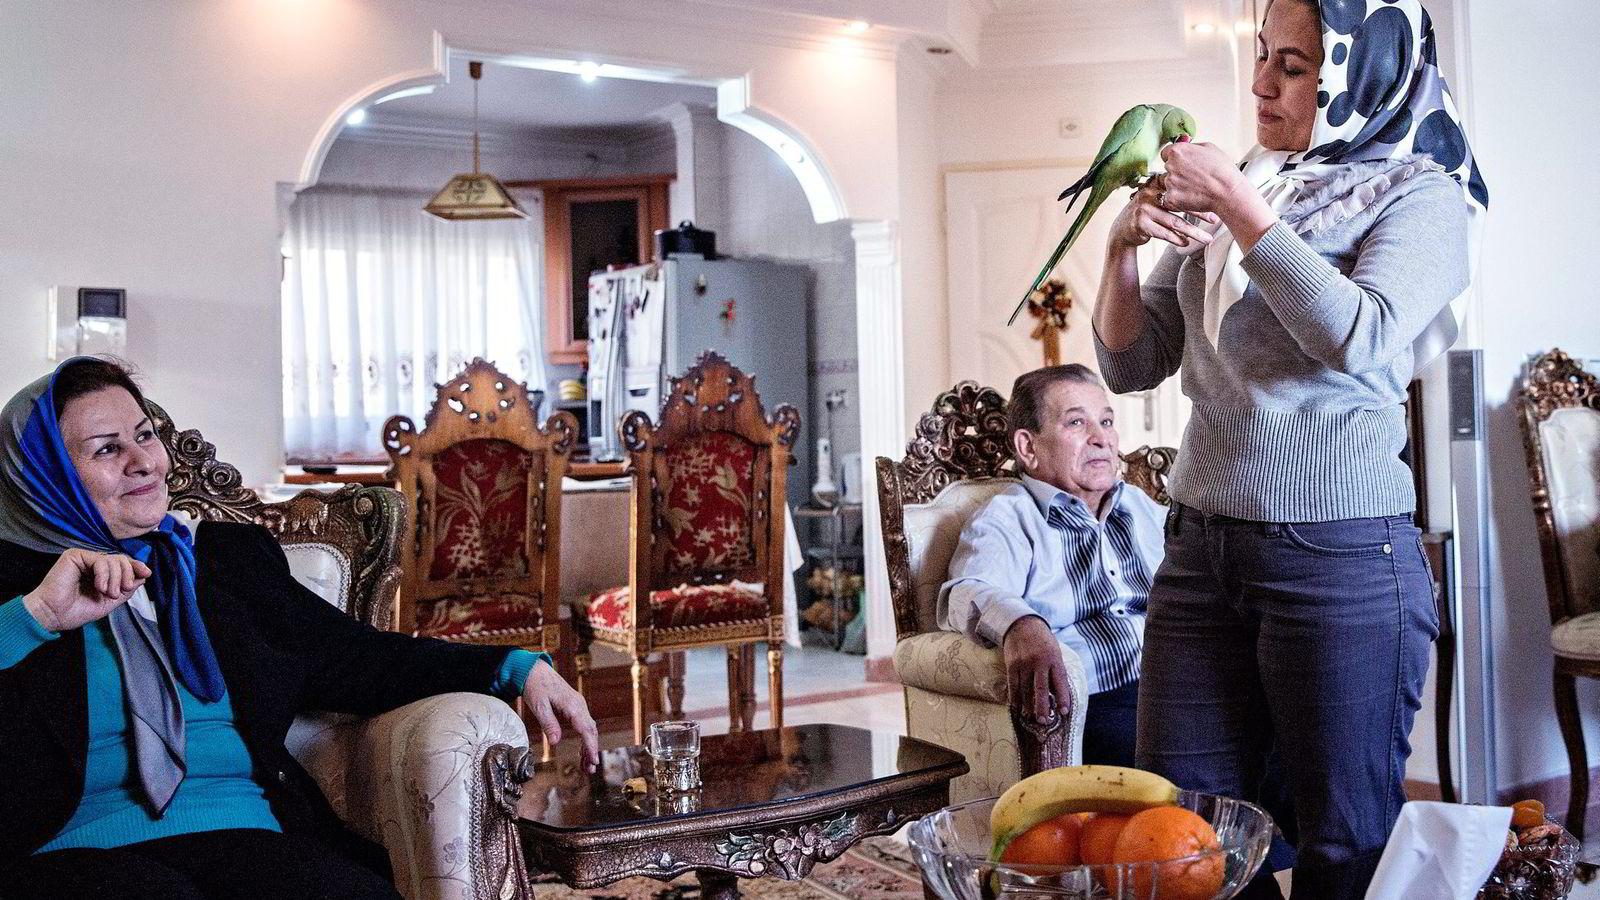 Kreftsyke Abolghasem Eskandari (midten) finner trøst i bestevennen, papegøyen Messi. Hver gang han går ut av døren roper papegøyen «bye». Til høyre står datteren Parvaneh Eskandari som mistet ektemannen for syv år siden, mens moren Khadijeh Daneshmayeh sier hun merker hvordan sanksjonene påvirker hele familien. Foto: Aleksander Nordahl